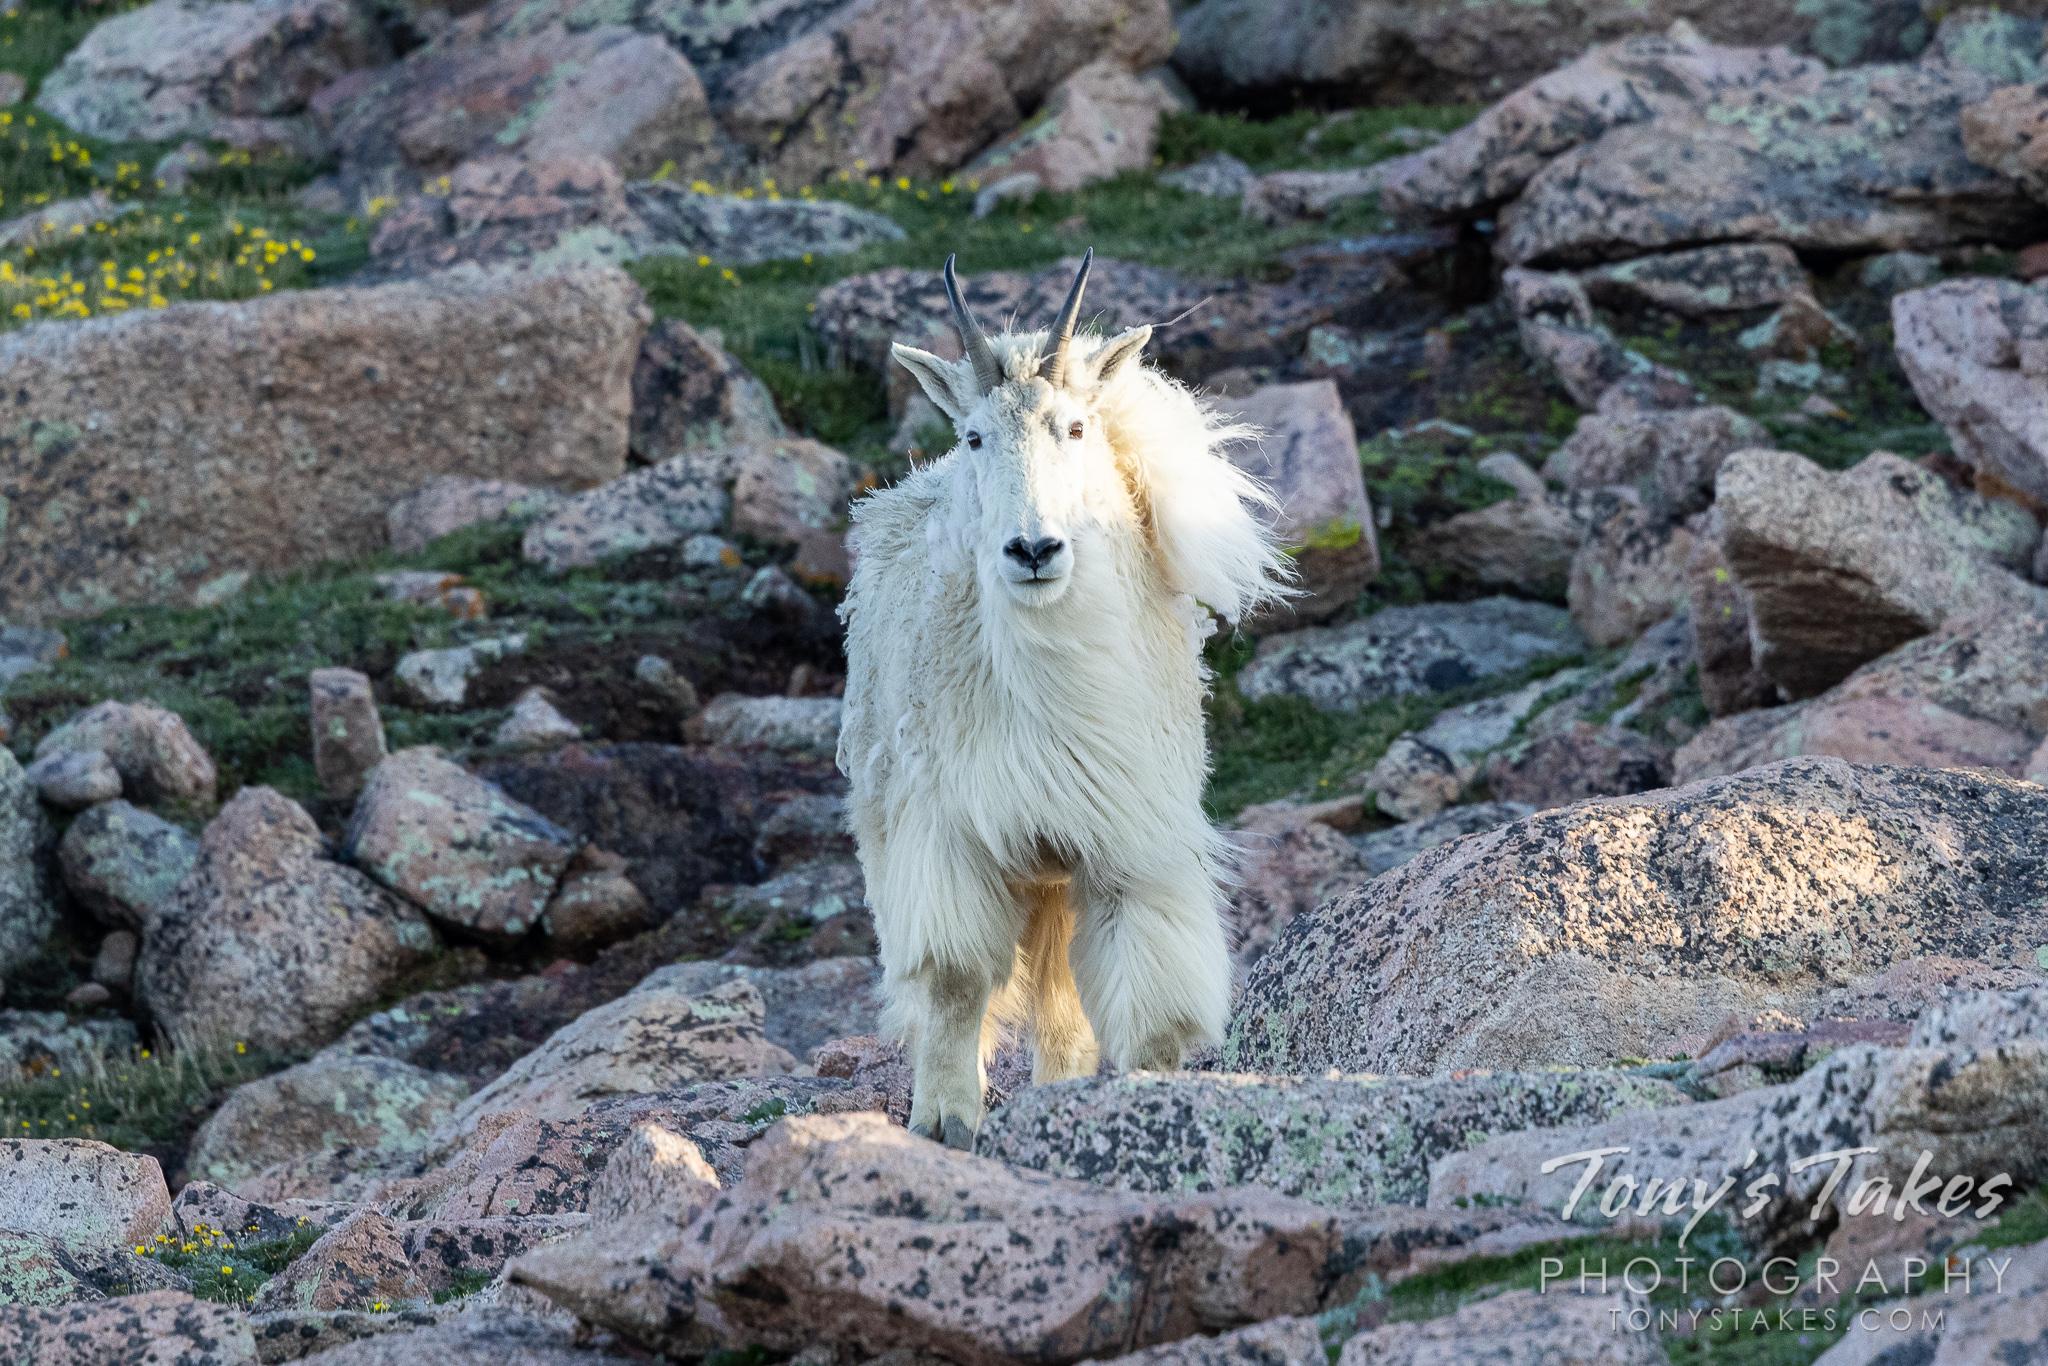 Fabio the fabulous mountain goat